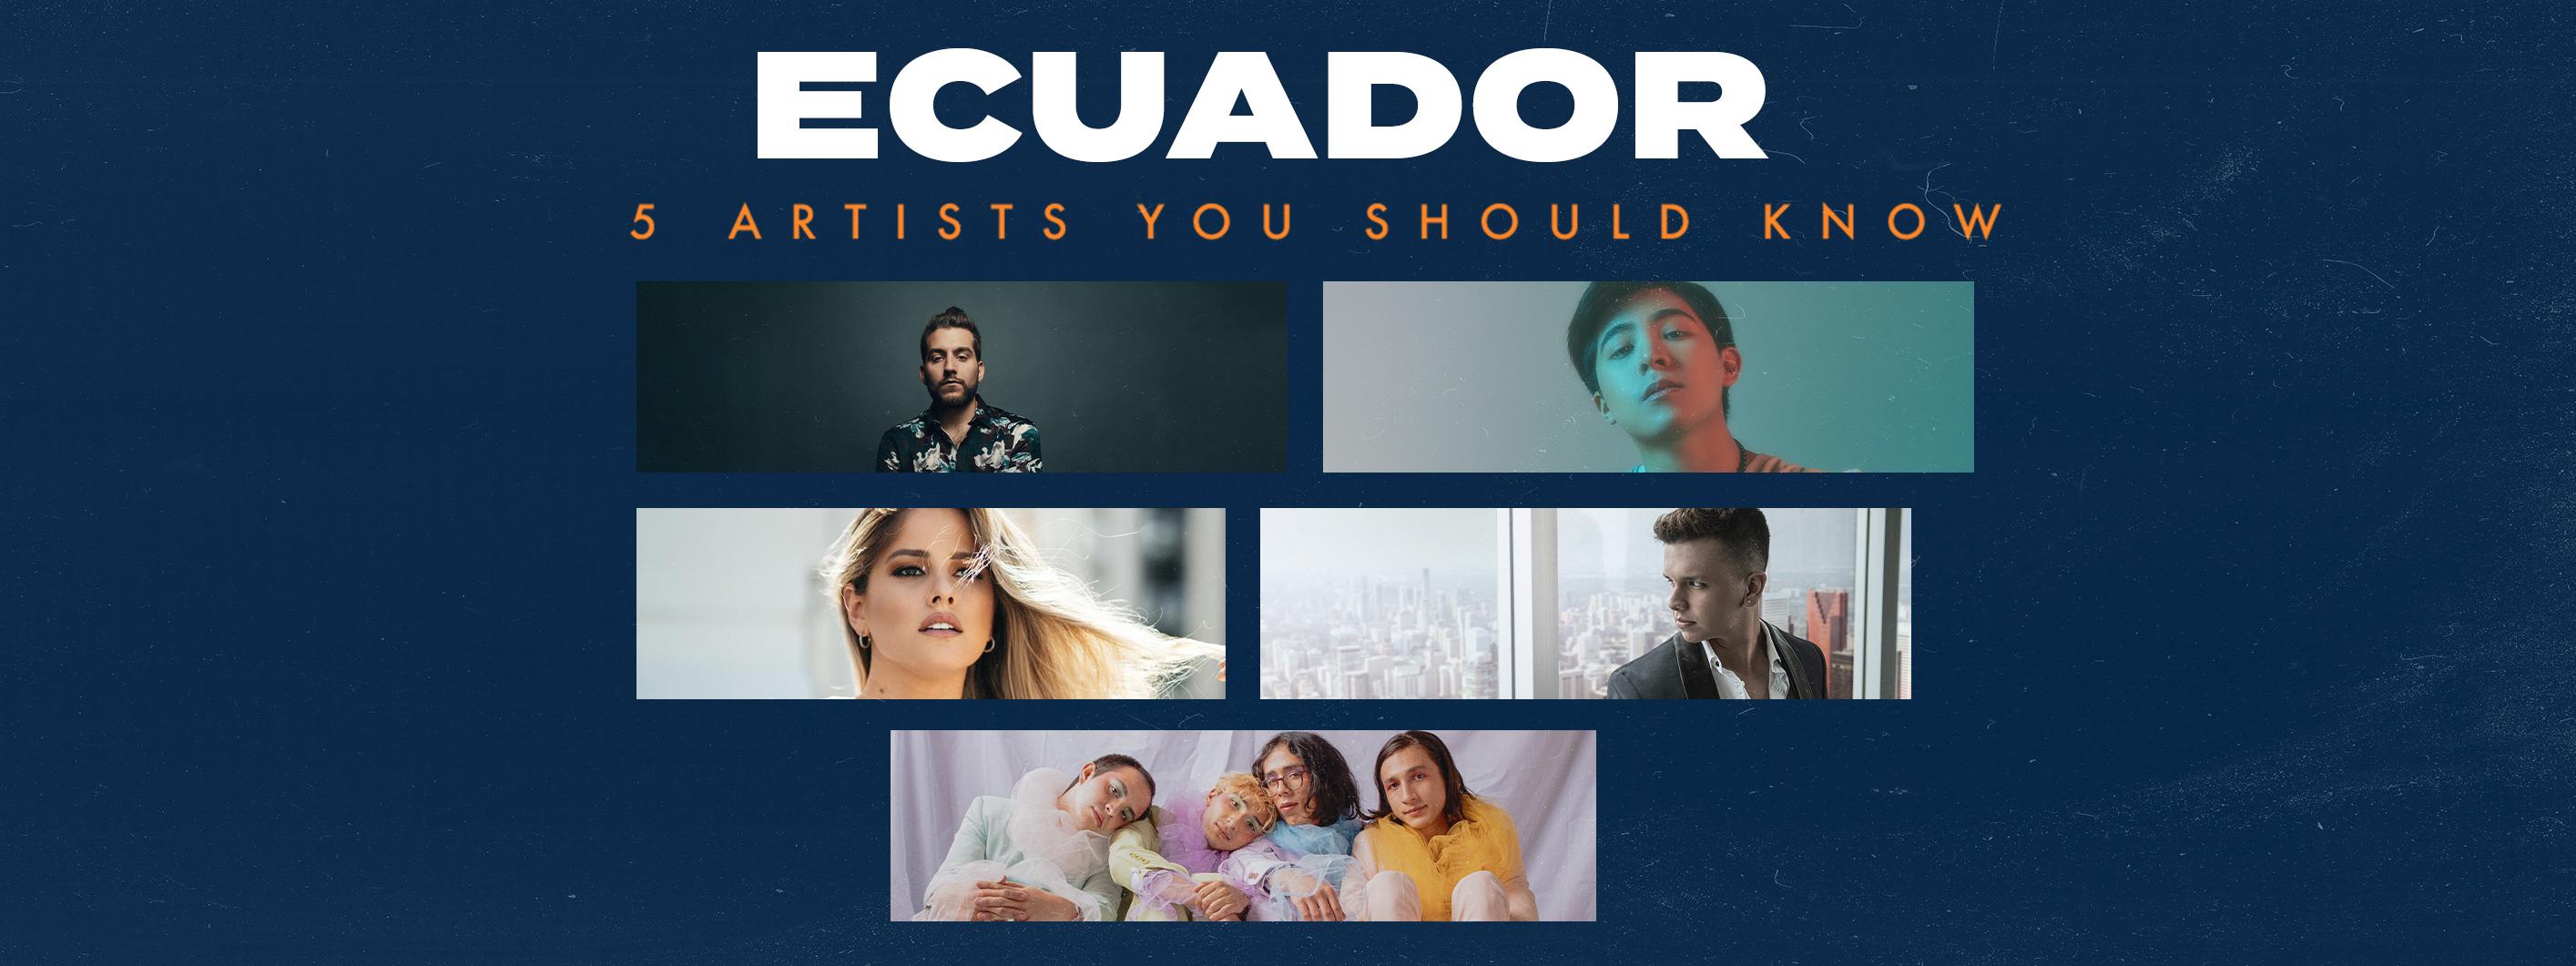 5 Artists You Should Know: Ecuador